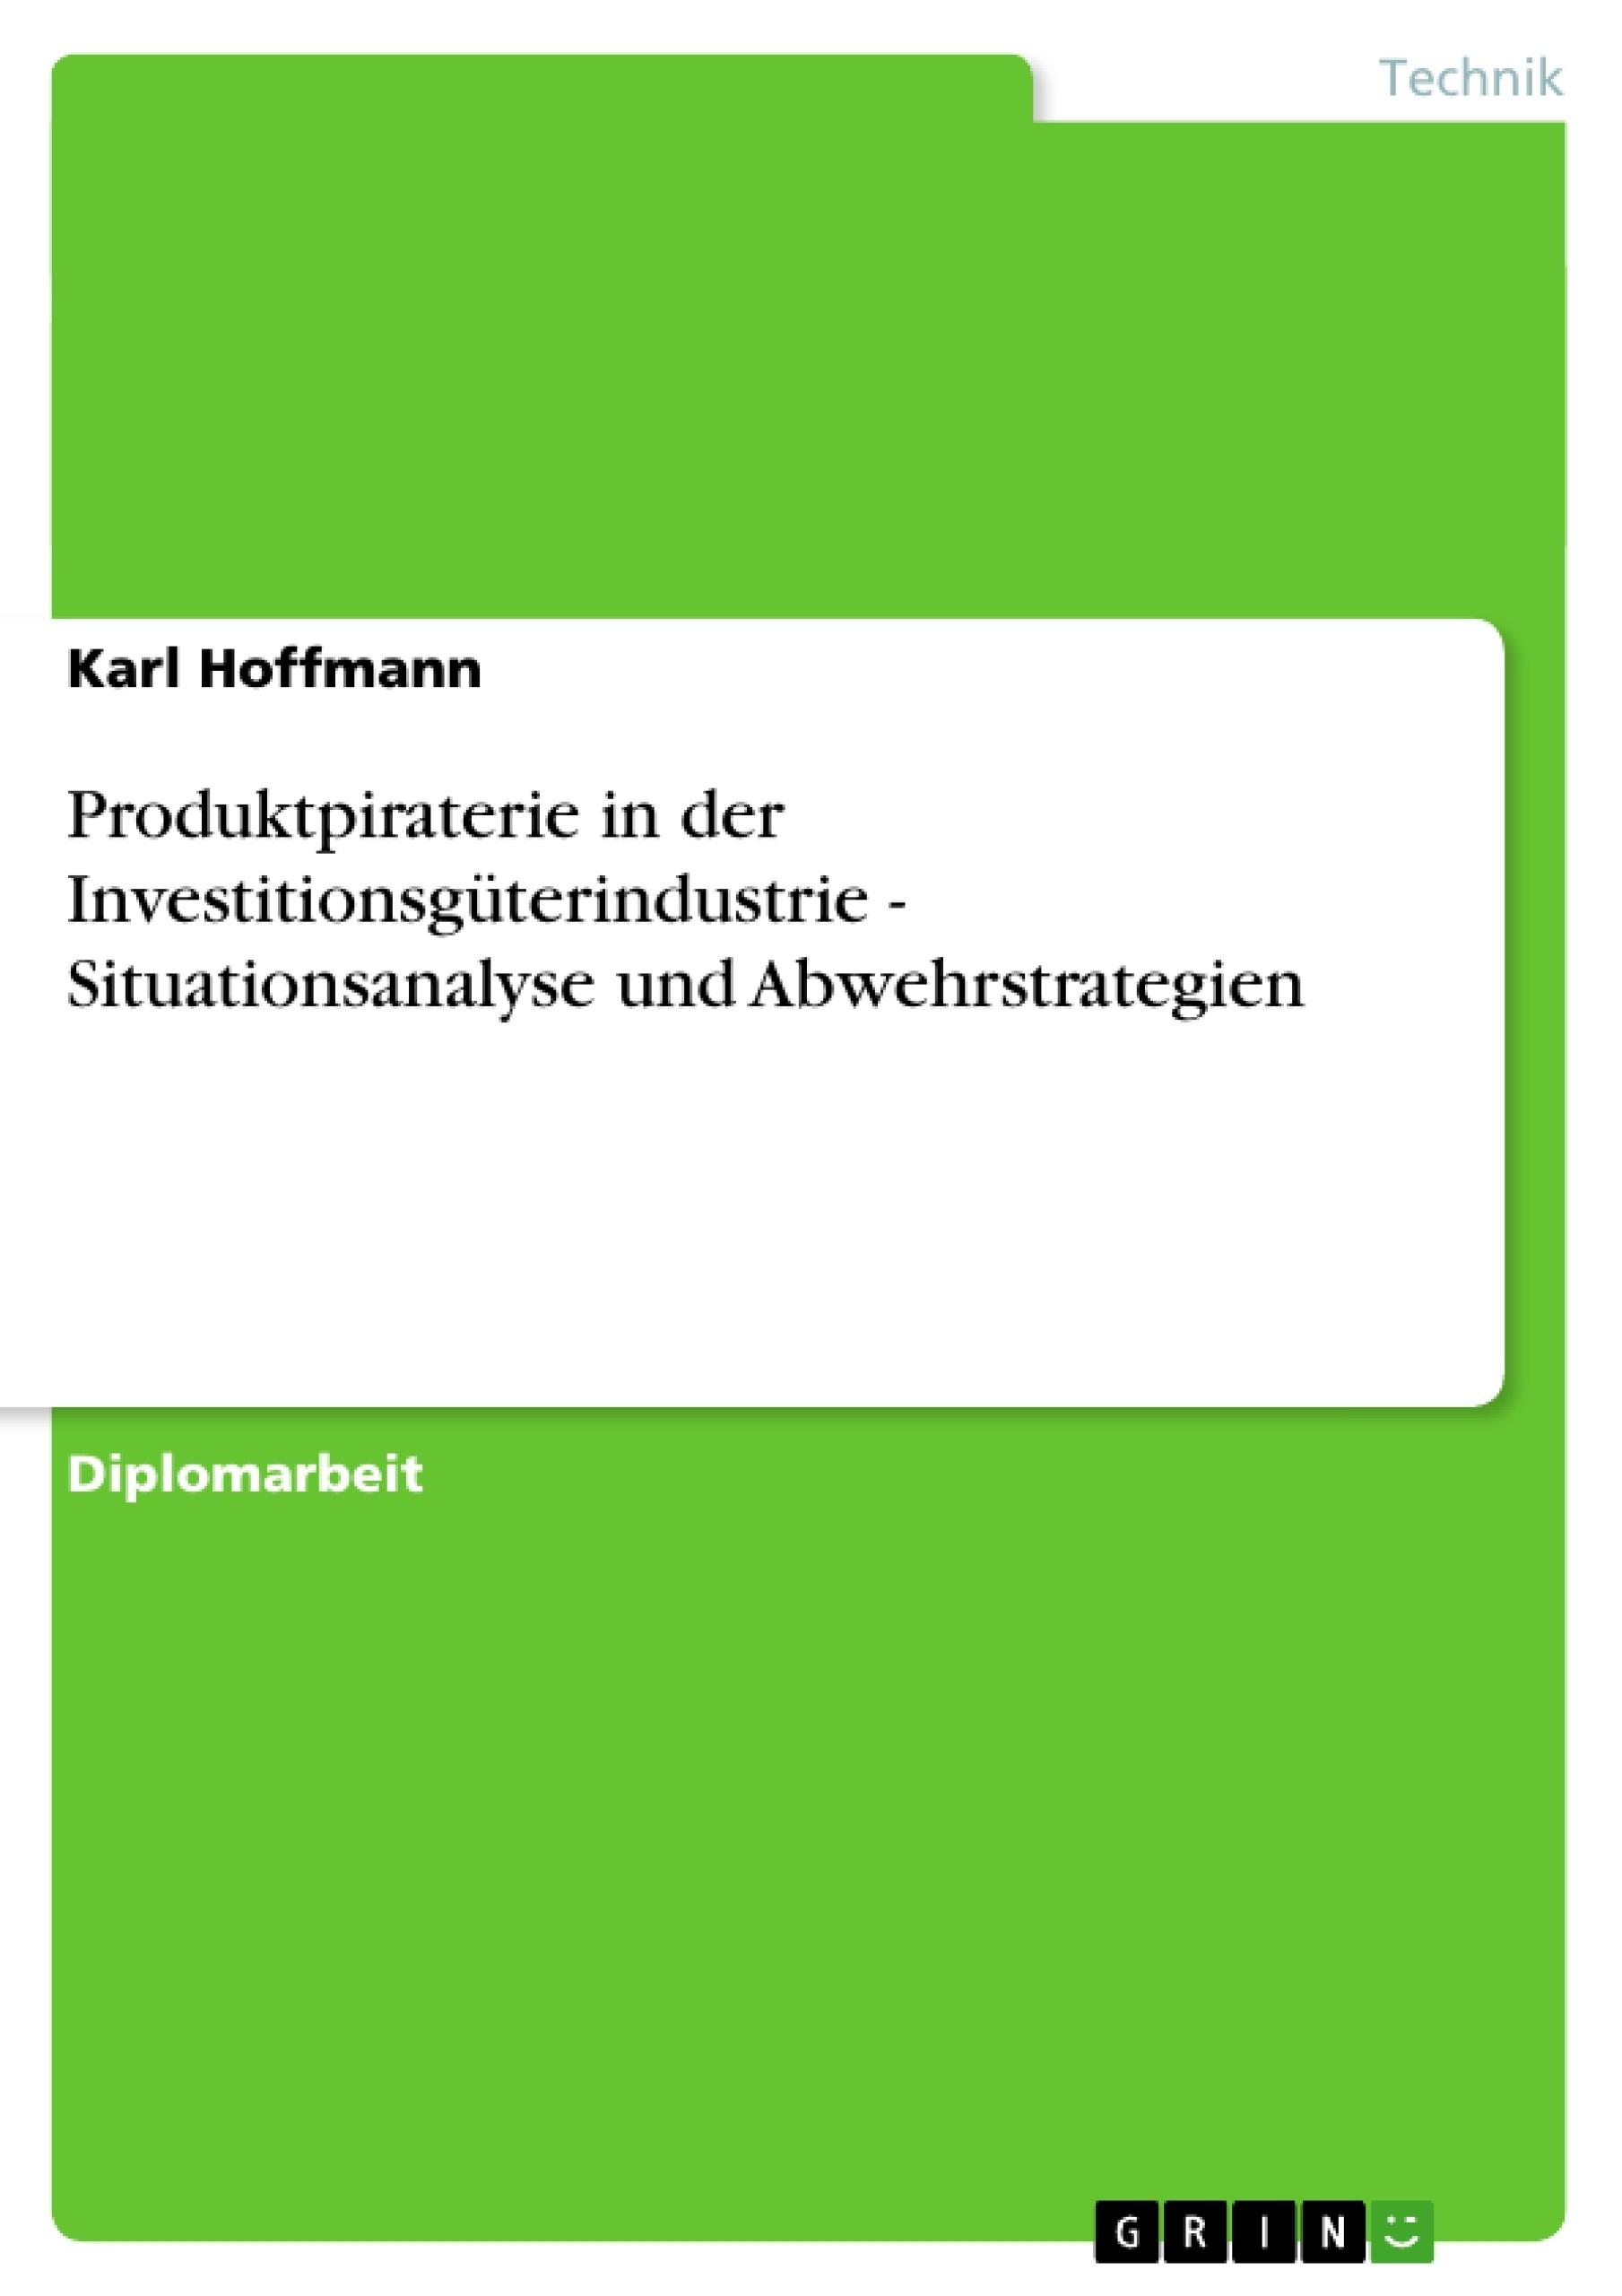 Titel: Produktpiraterie in der Investitionsgüterindustrie - Situationsanalyse und Abwehrstrategien